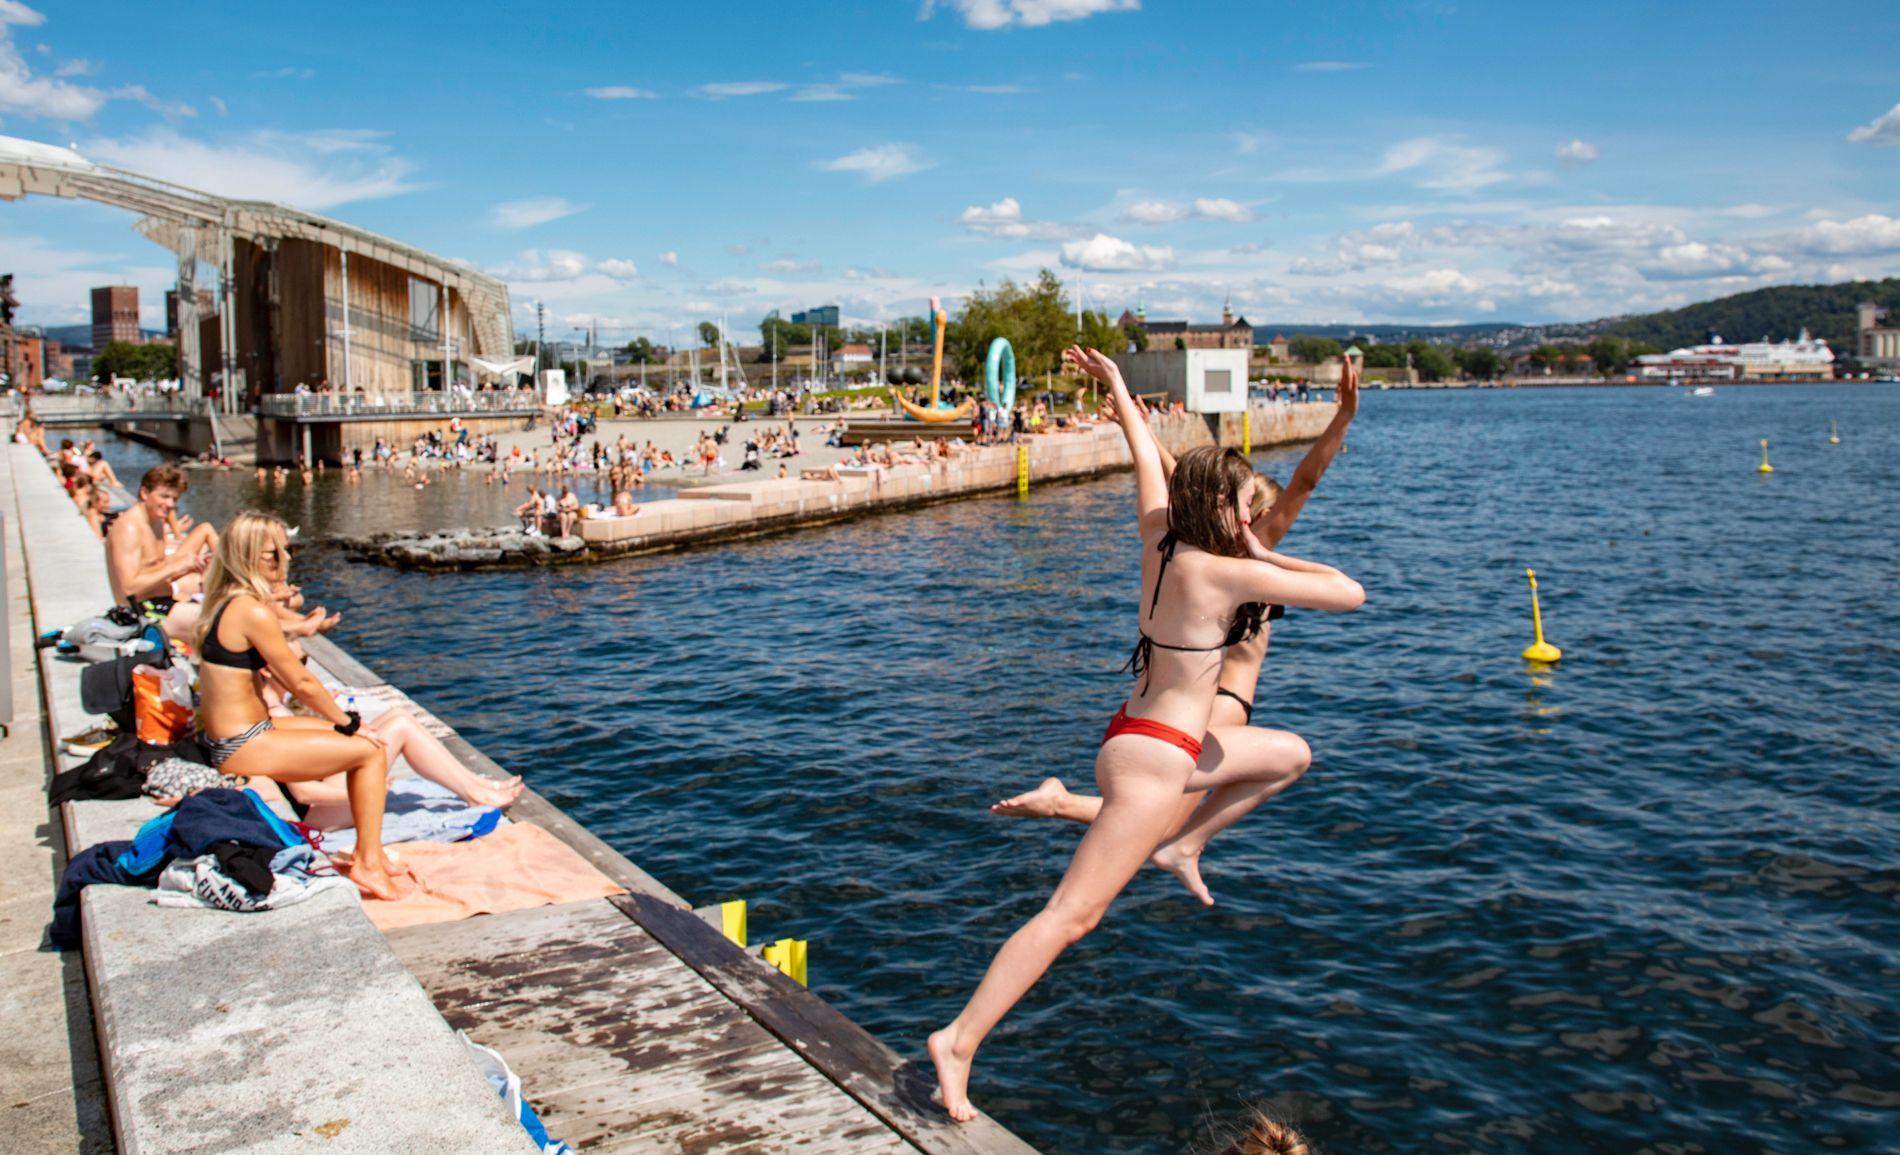 PLASK: Nord i landet kan det være på tide å finne frem badetøyet, slik flere har gjort i Oslo den siste uken. Bildet er fra Oslo 11. juli.